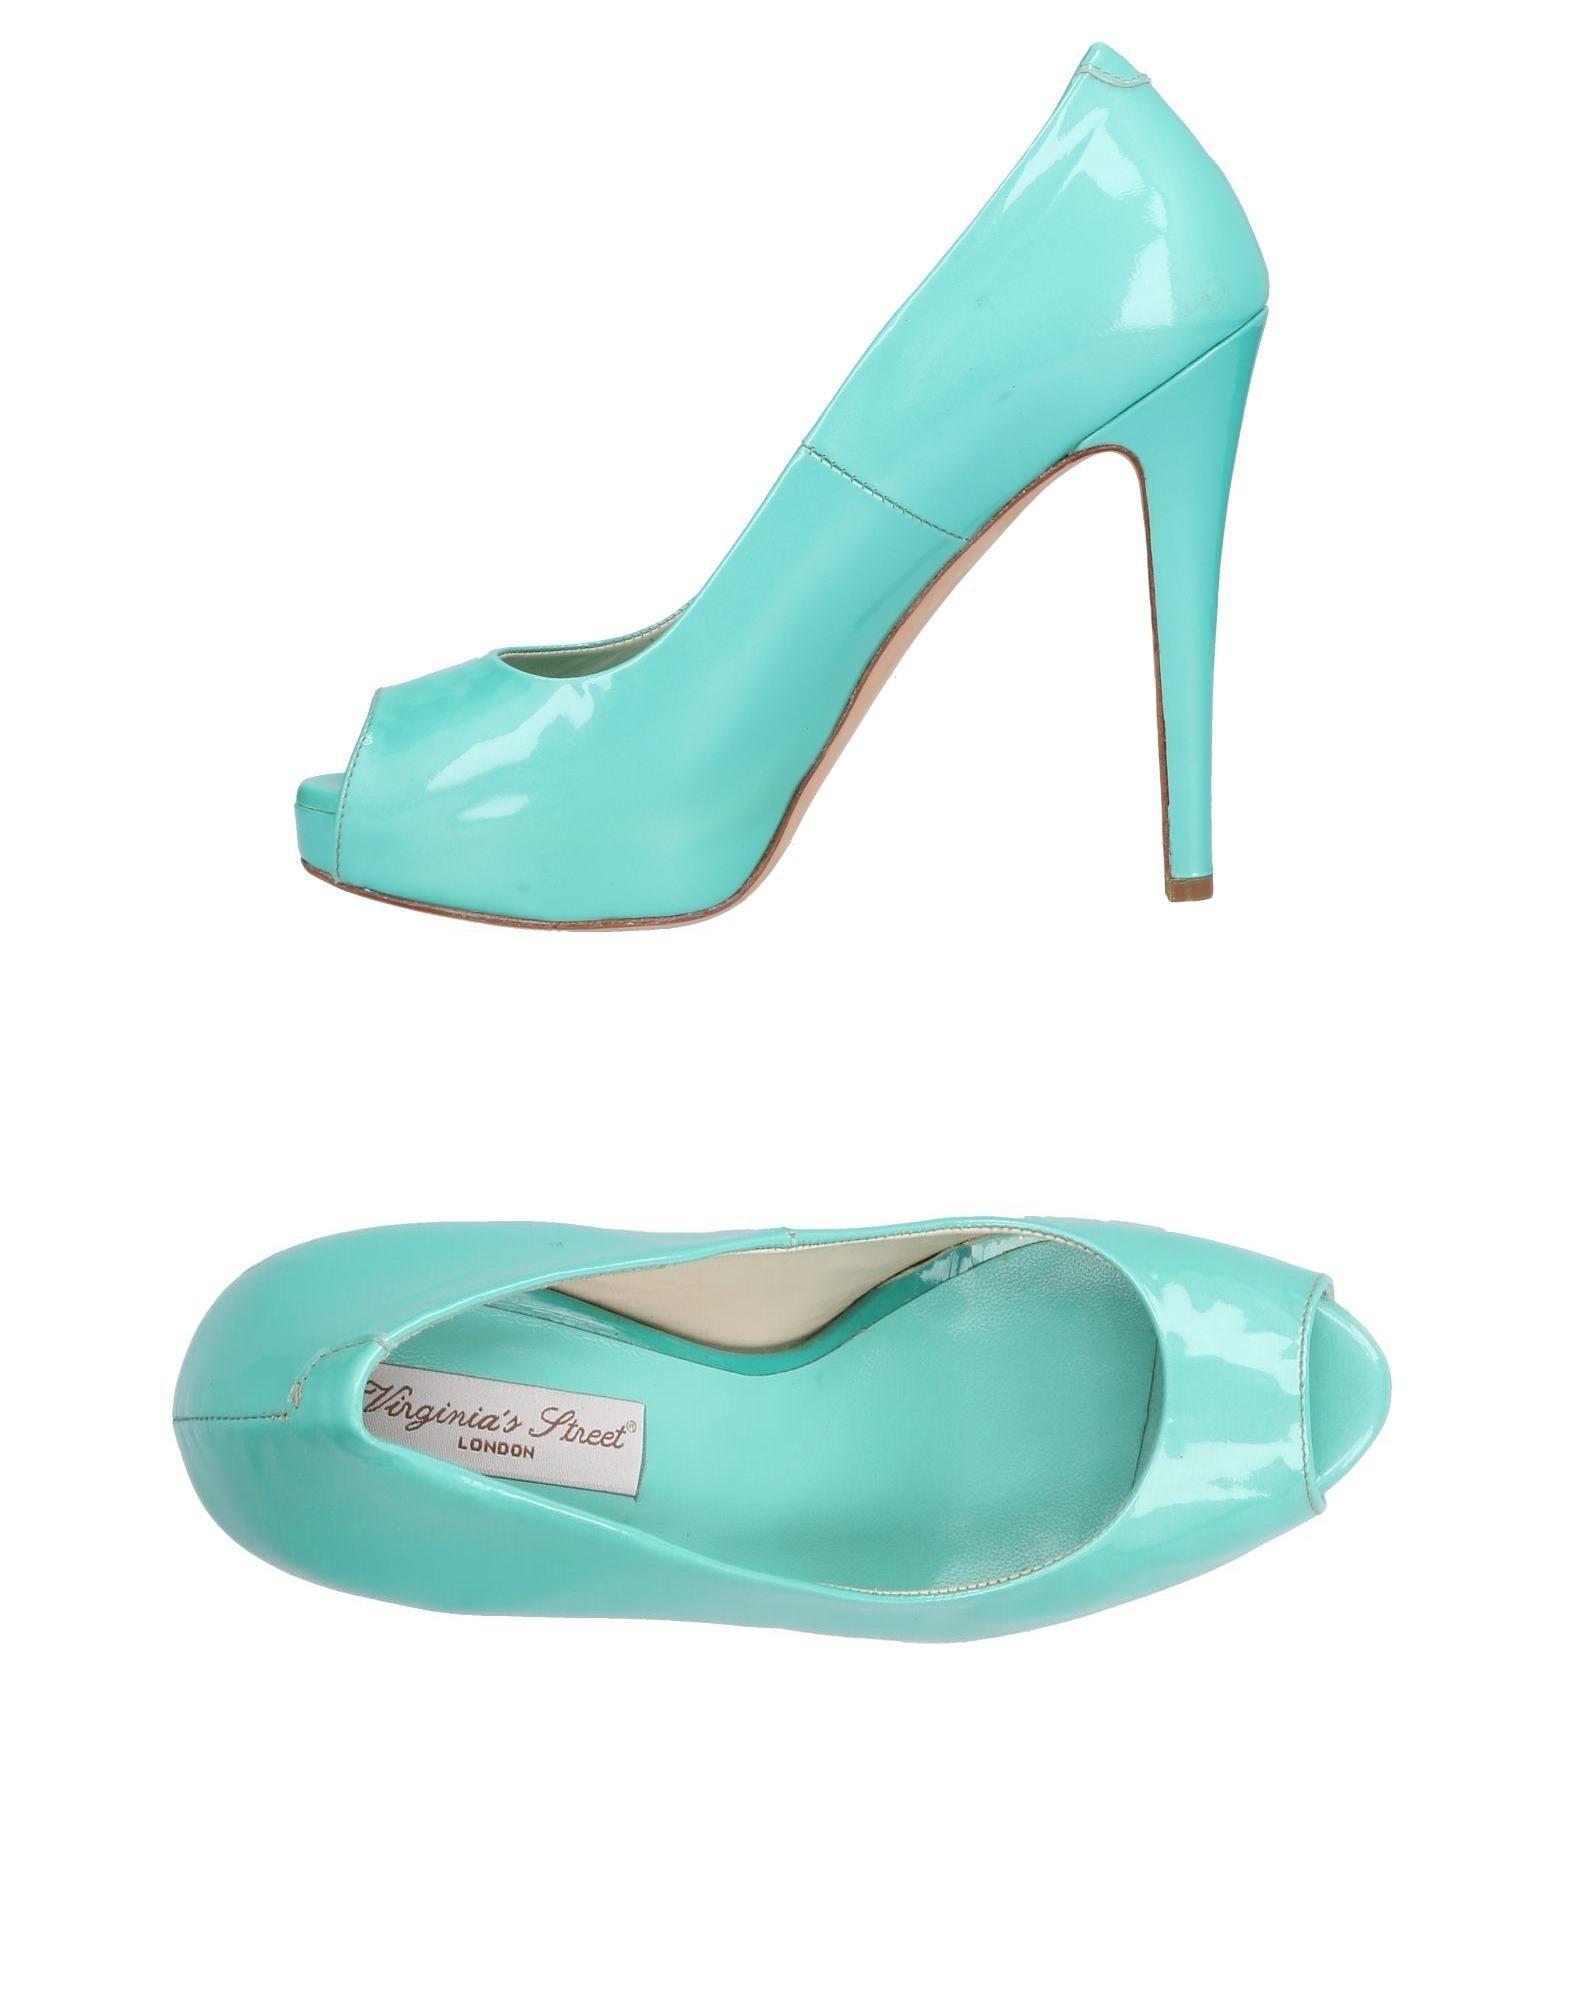 Virginia's Street Pumps Damen beliebte  11467394QS Gute Qualität beliebte Damen Schuhe cb6544